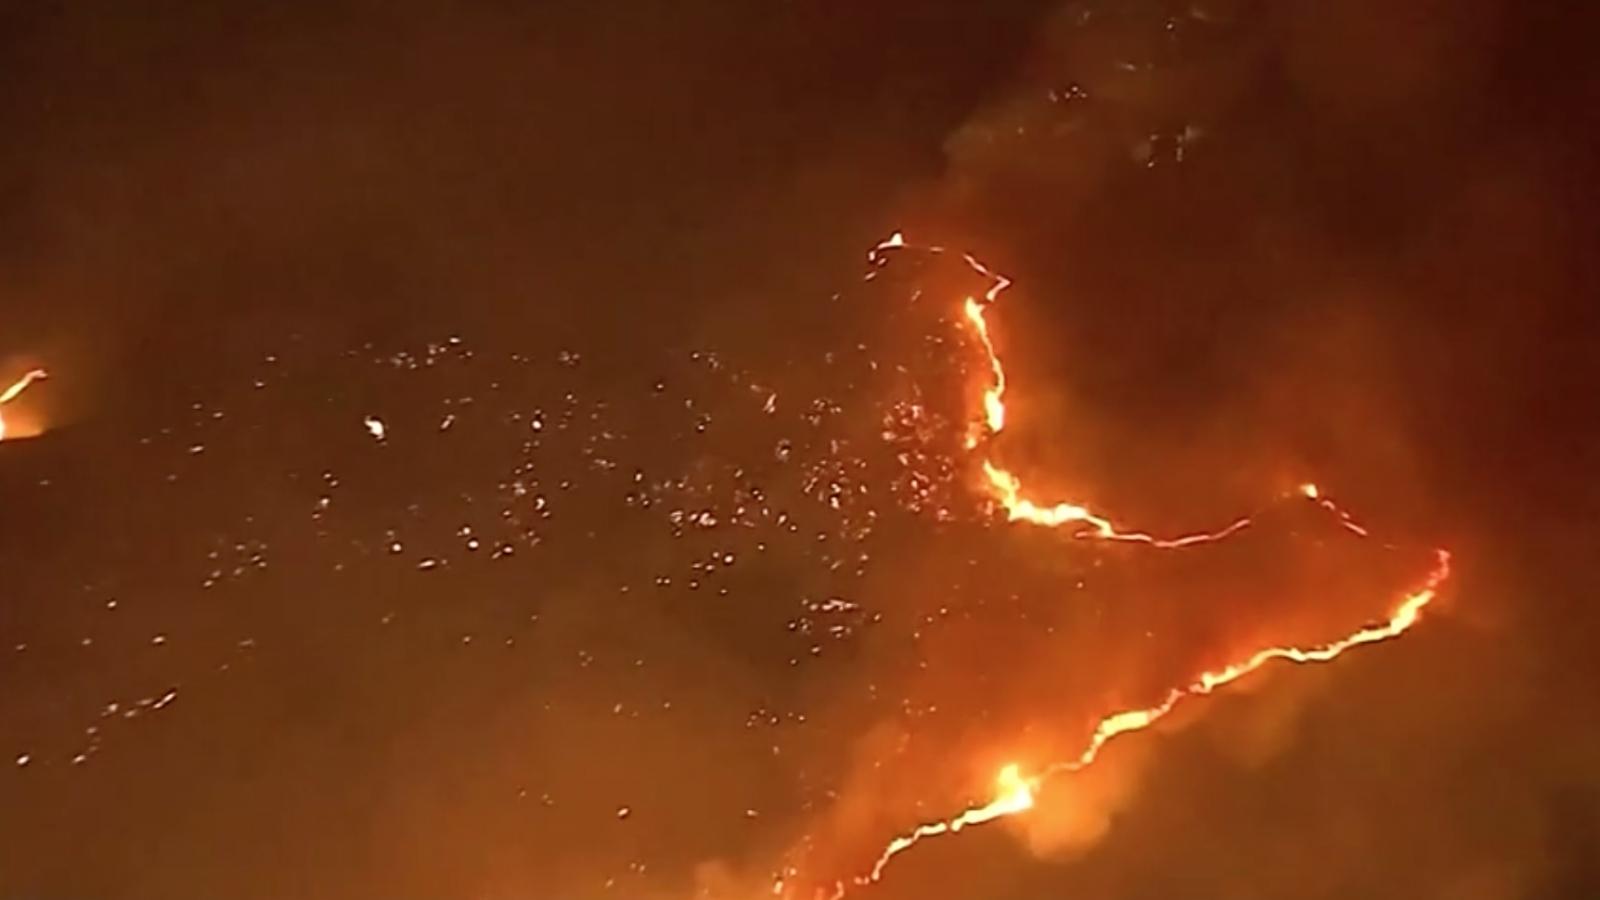 Khoảng 60 nghìn người được yêu cầu sơ tán do cháy rừng lan rộng tại bang California